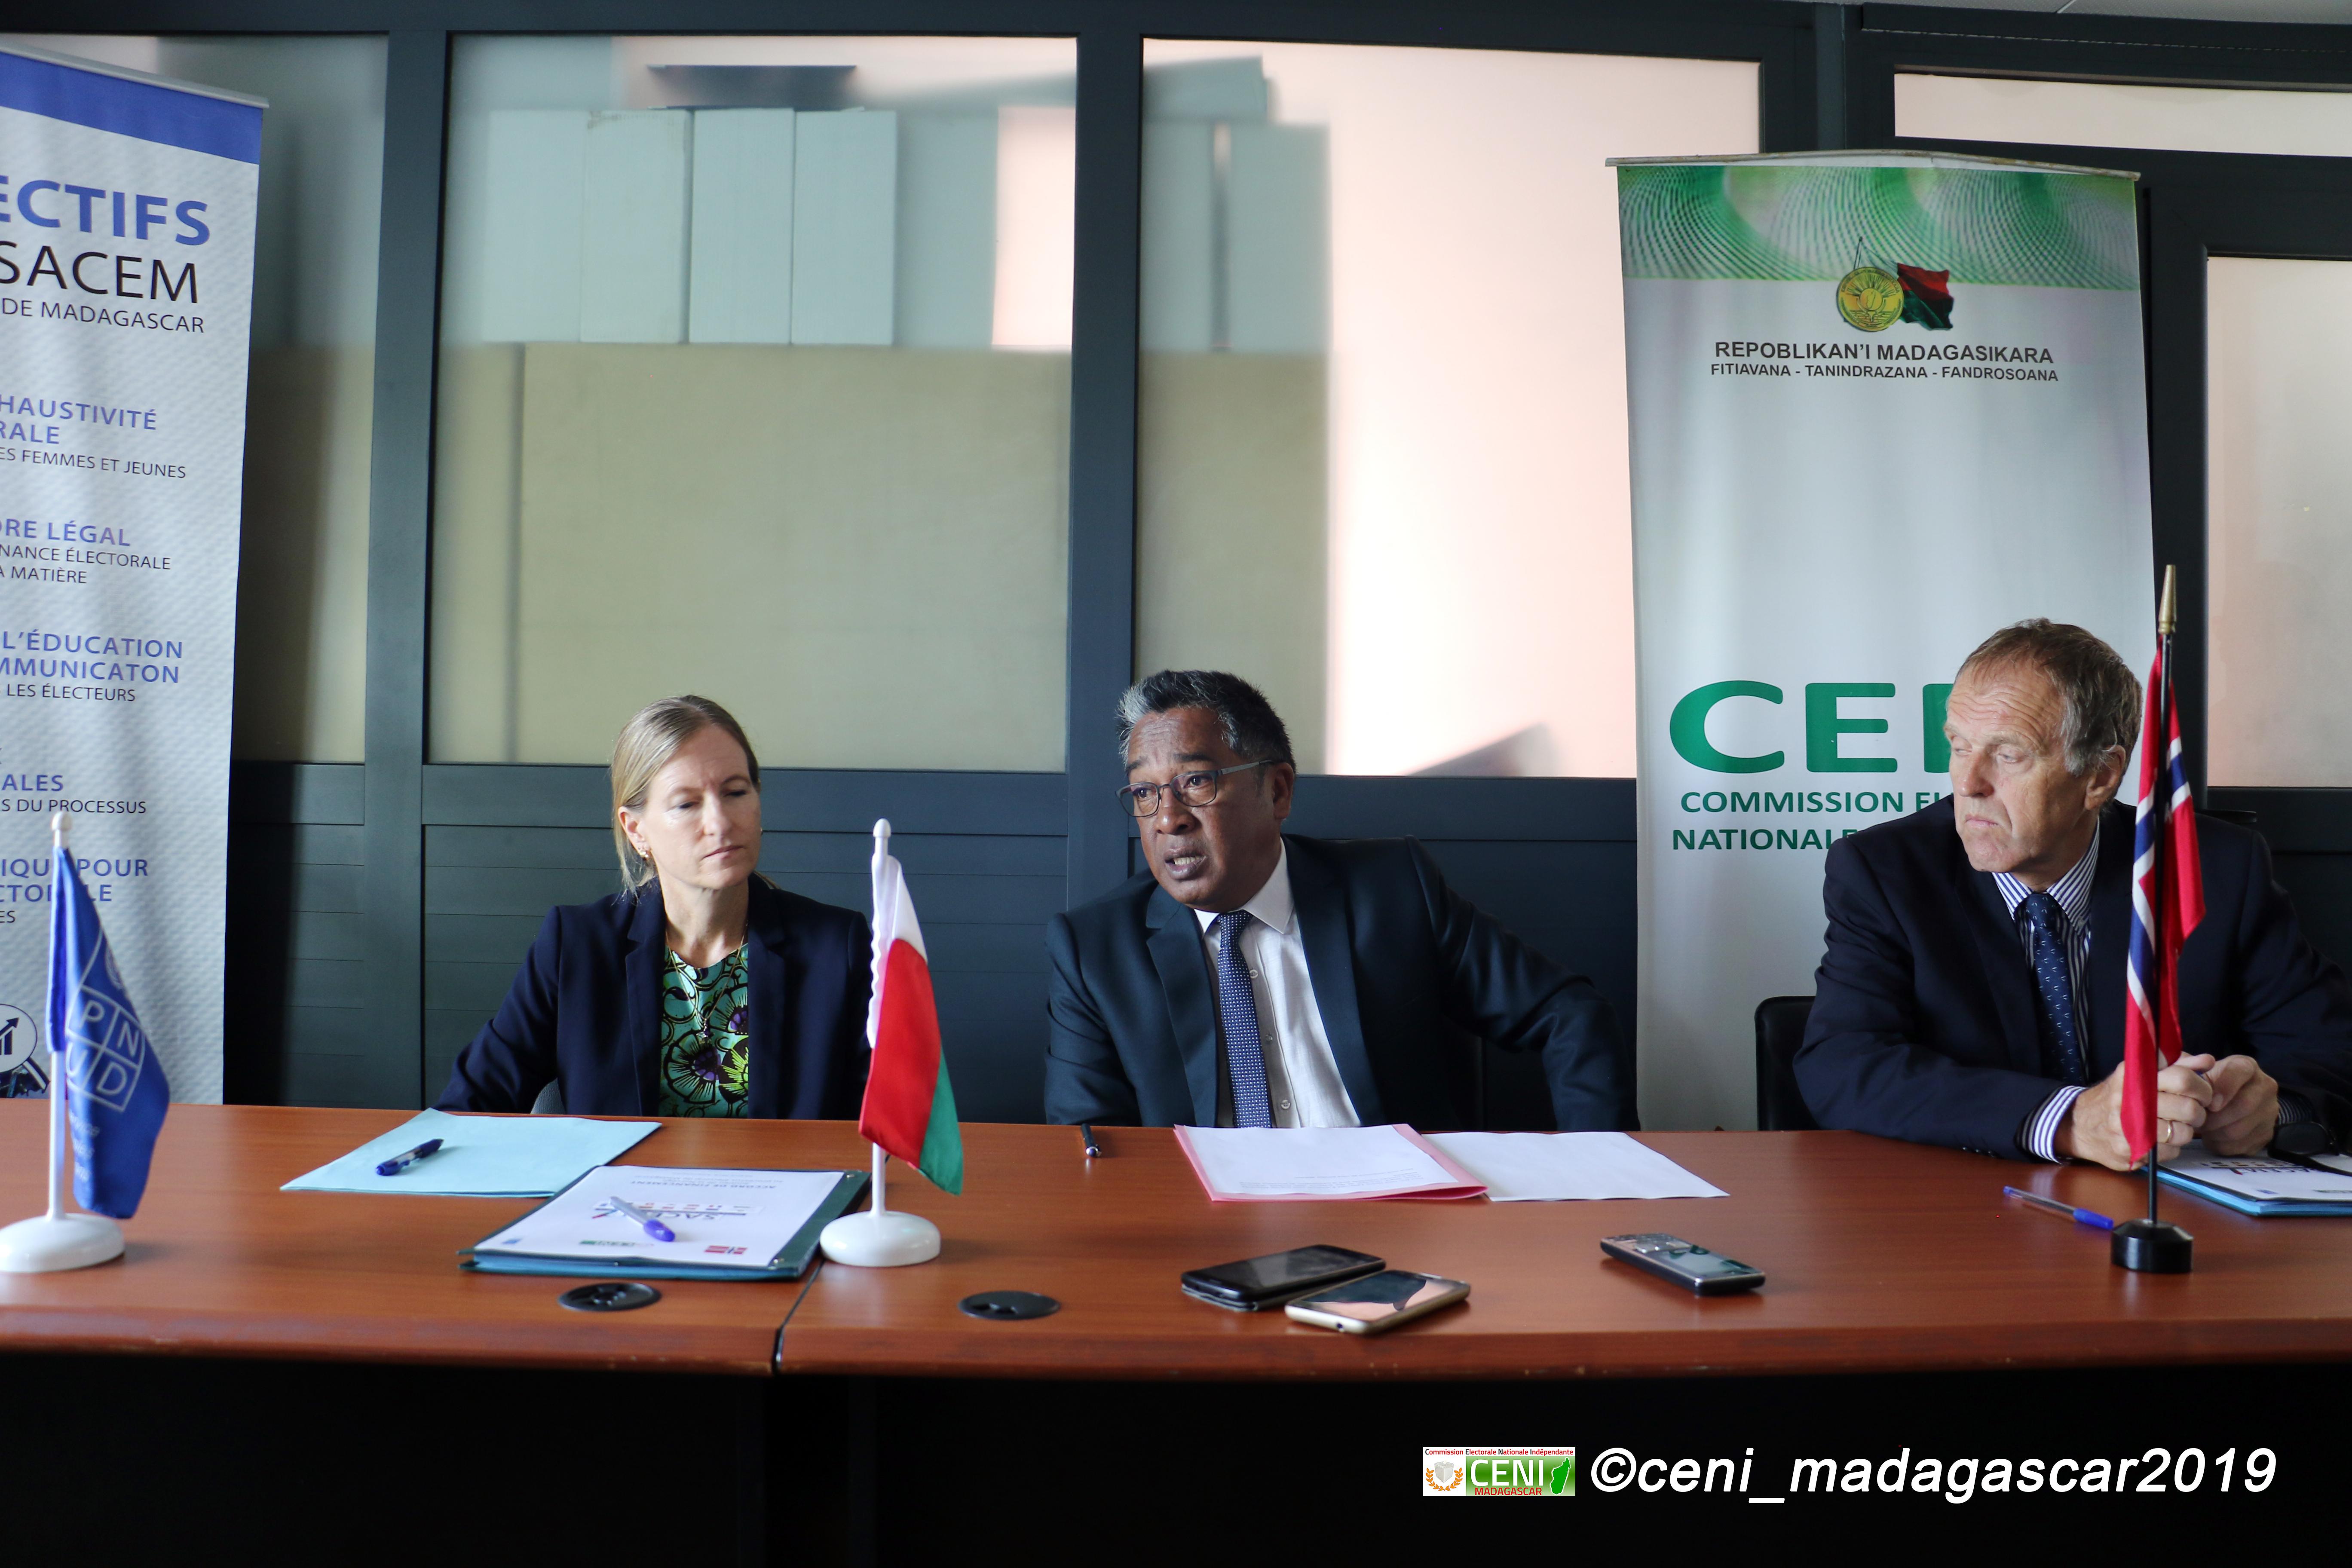 Une quatrième contribution de la Norvège au processus électoral de Madagascar